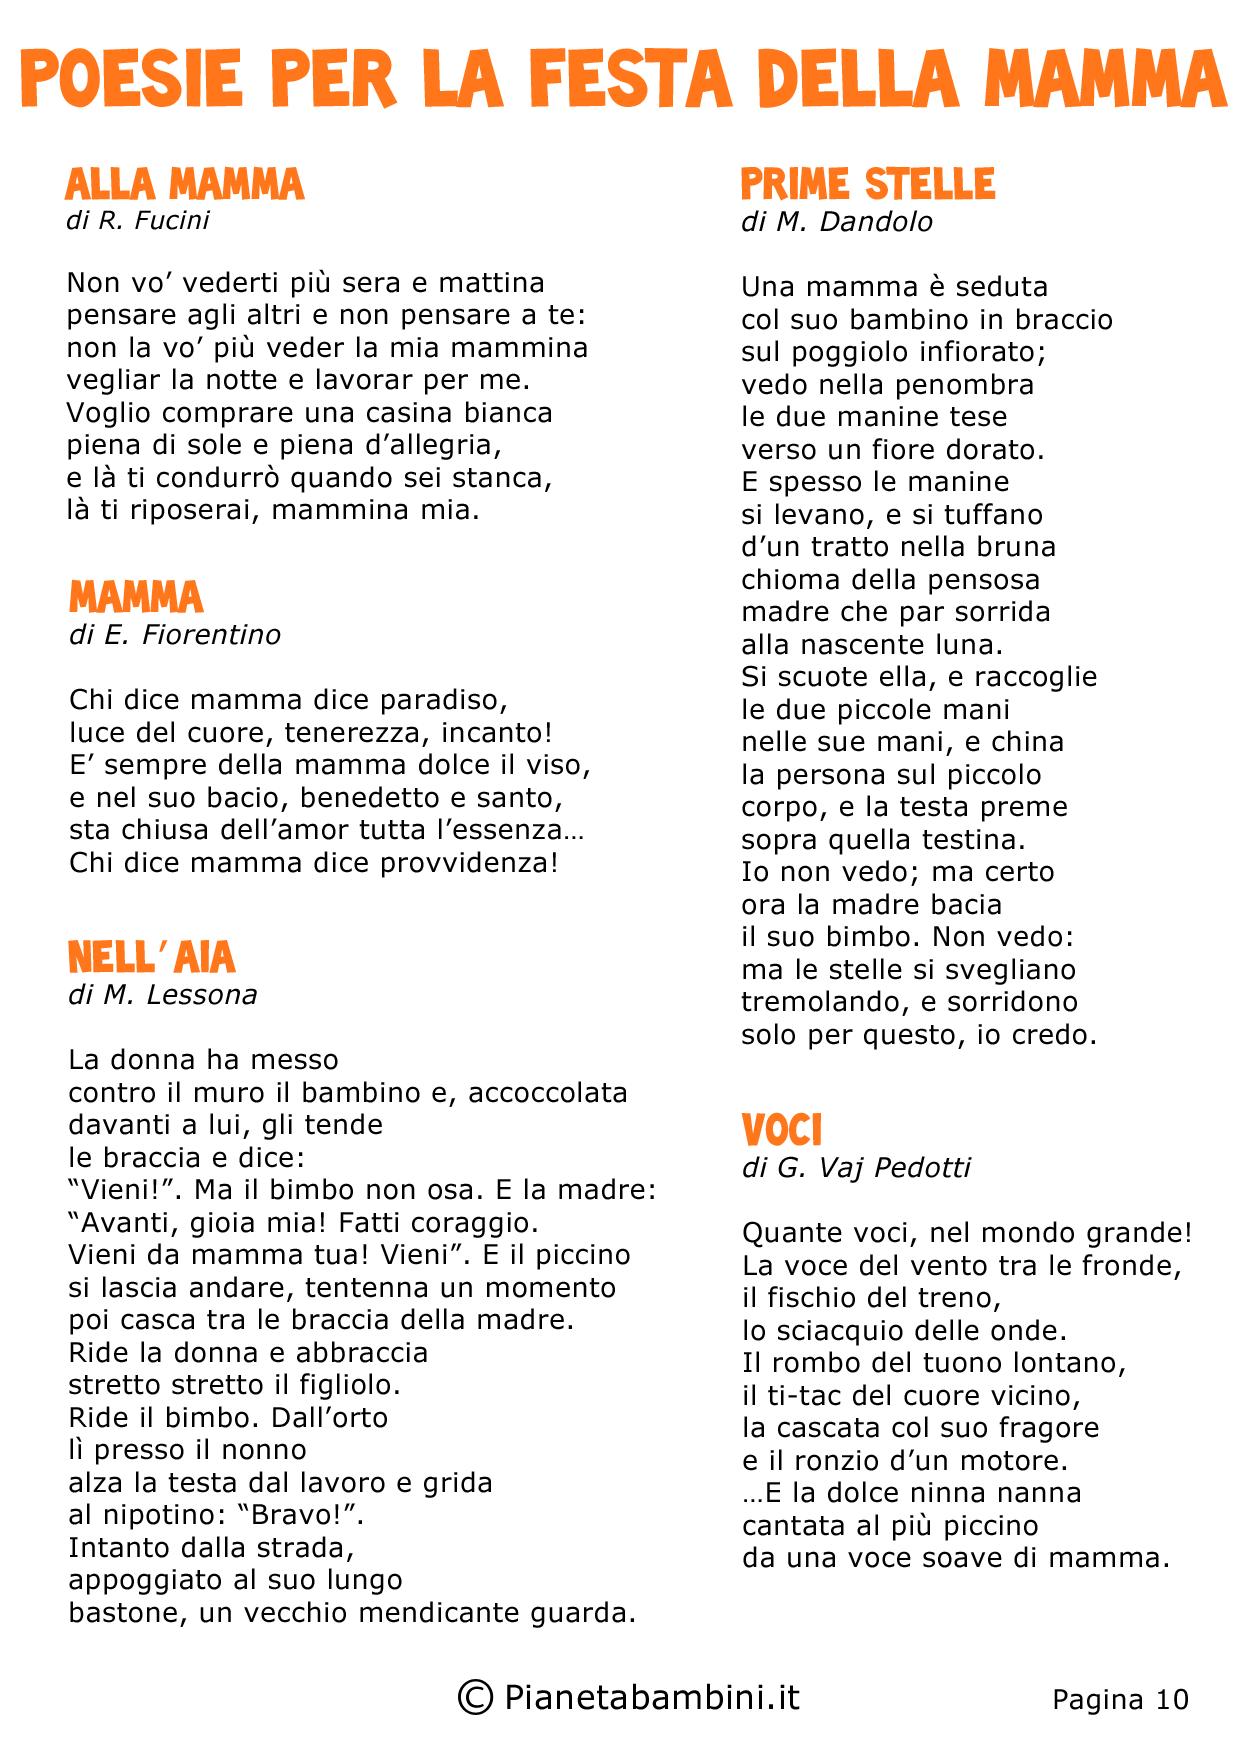 Poesie-Festa-Mamma-10